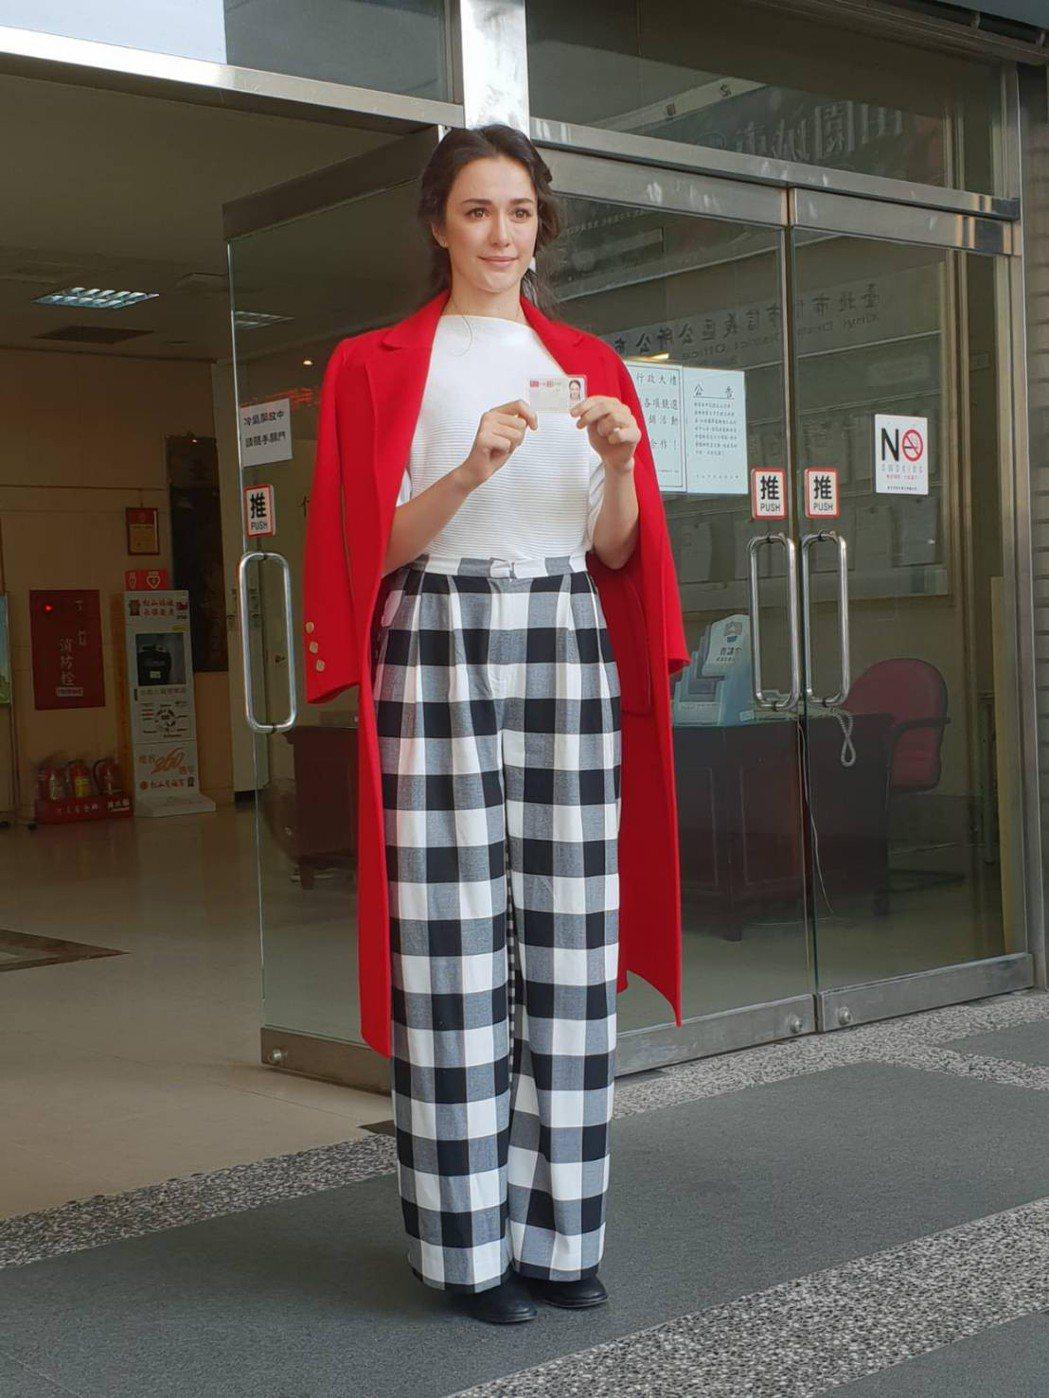 瑞莎終於領到中華民國身份證。圖/蓉億娛樂提供